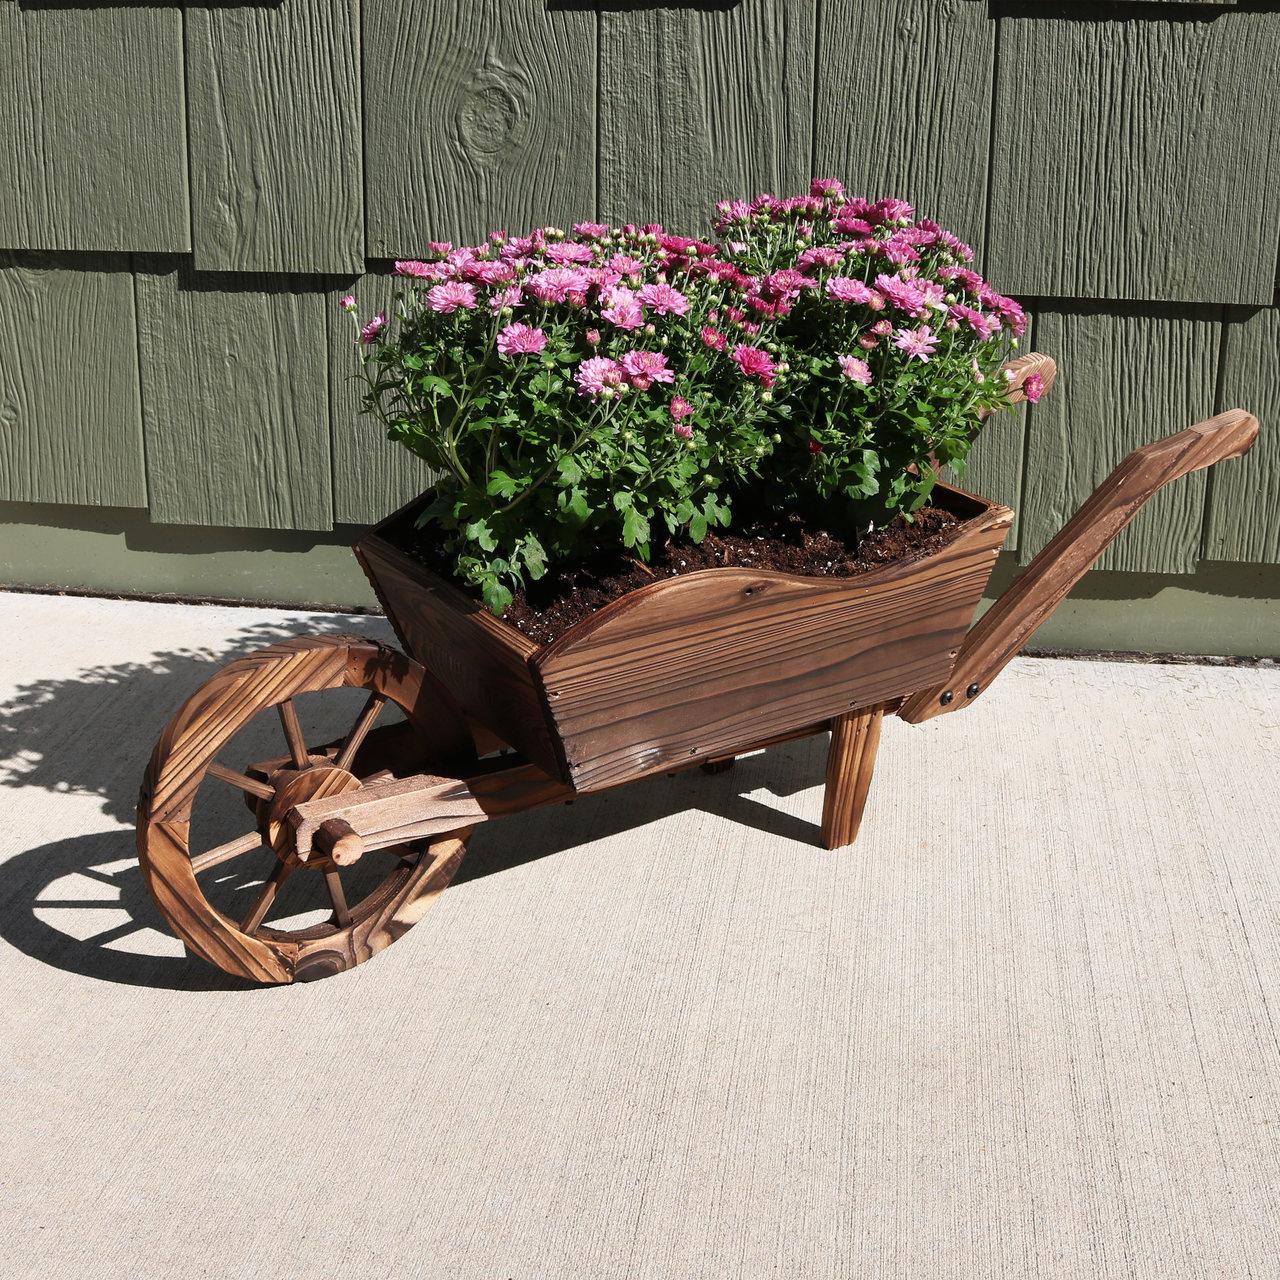 Sunnydaze Wooden Wheel Barrow Planter For Patio Lawn And Garden